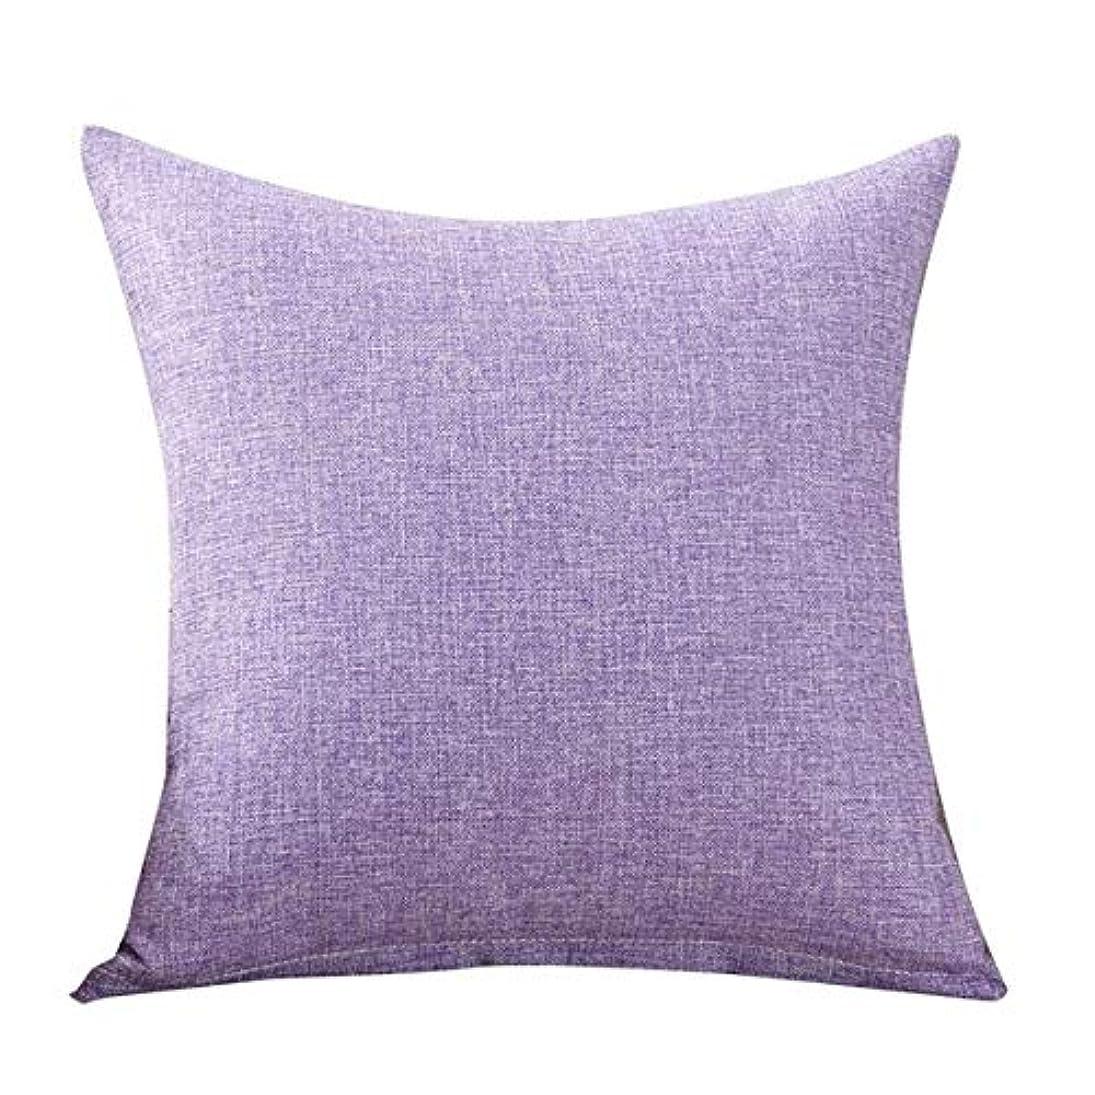 移動する免疫する崇拝するLIFE クリエイティブシンプルなファッションスロー枕クッションカフェソファクッションのホームインテリア z0403# G20 クッション 椅子